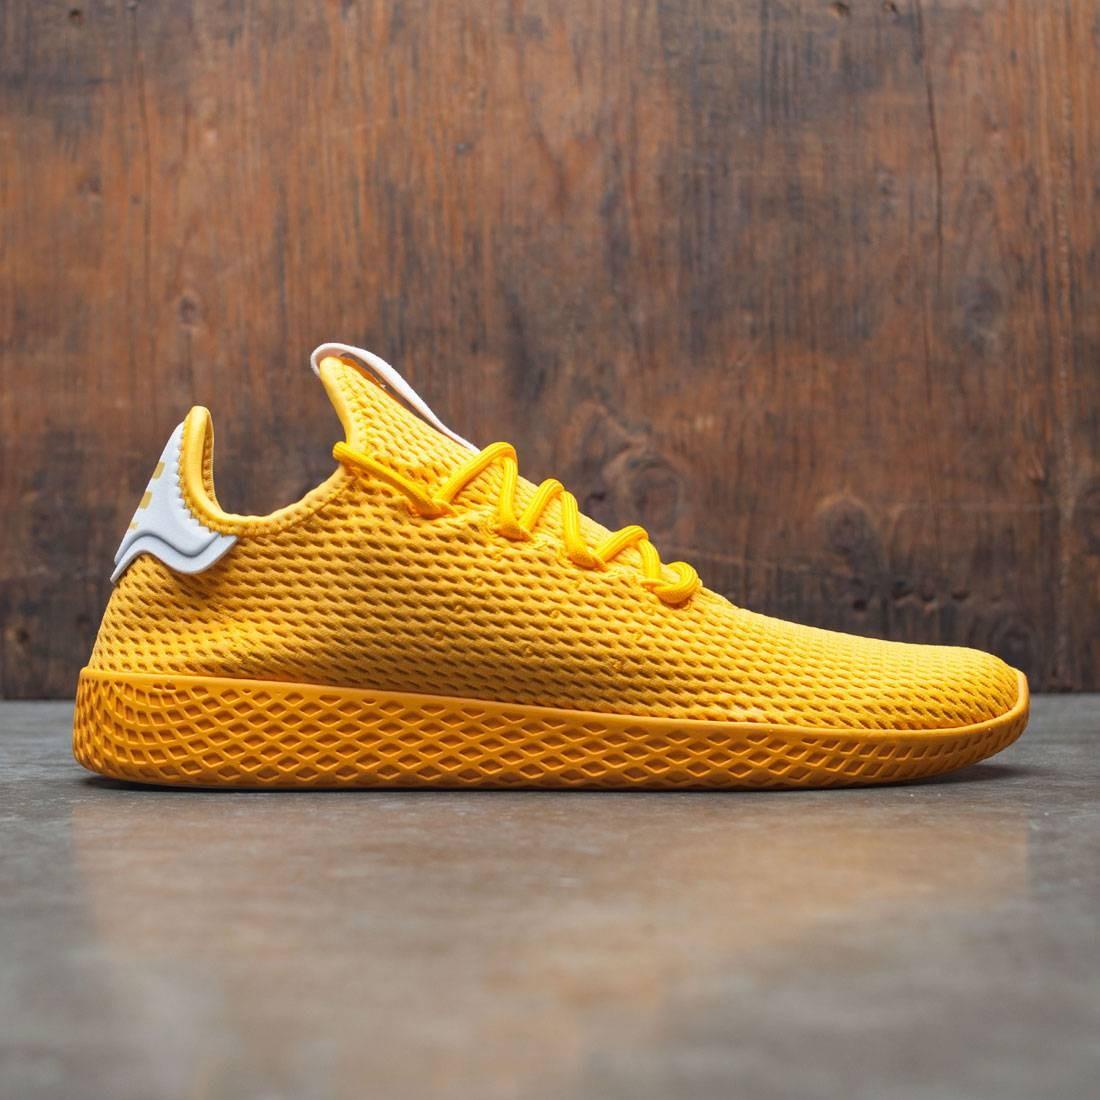 アディダス adidas x pharrell williams men tennis hu yellow collegiate gold footwear white ウィリアムズ 金 ファレル カレッジ シューズ メン ゴールド テニス 靴 メンズ靴 スニーカー